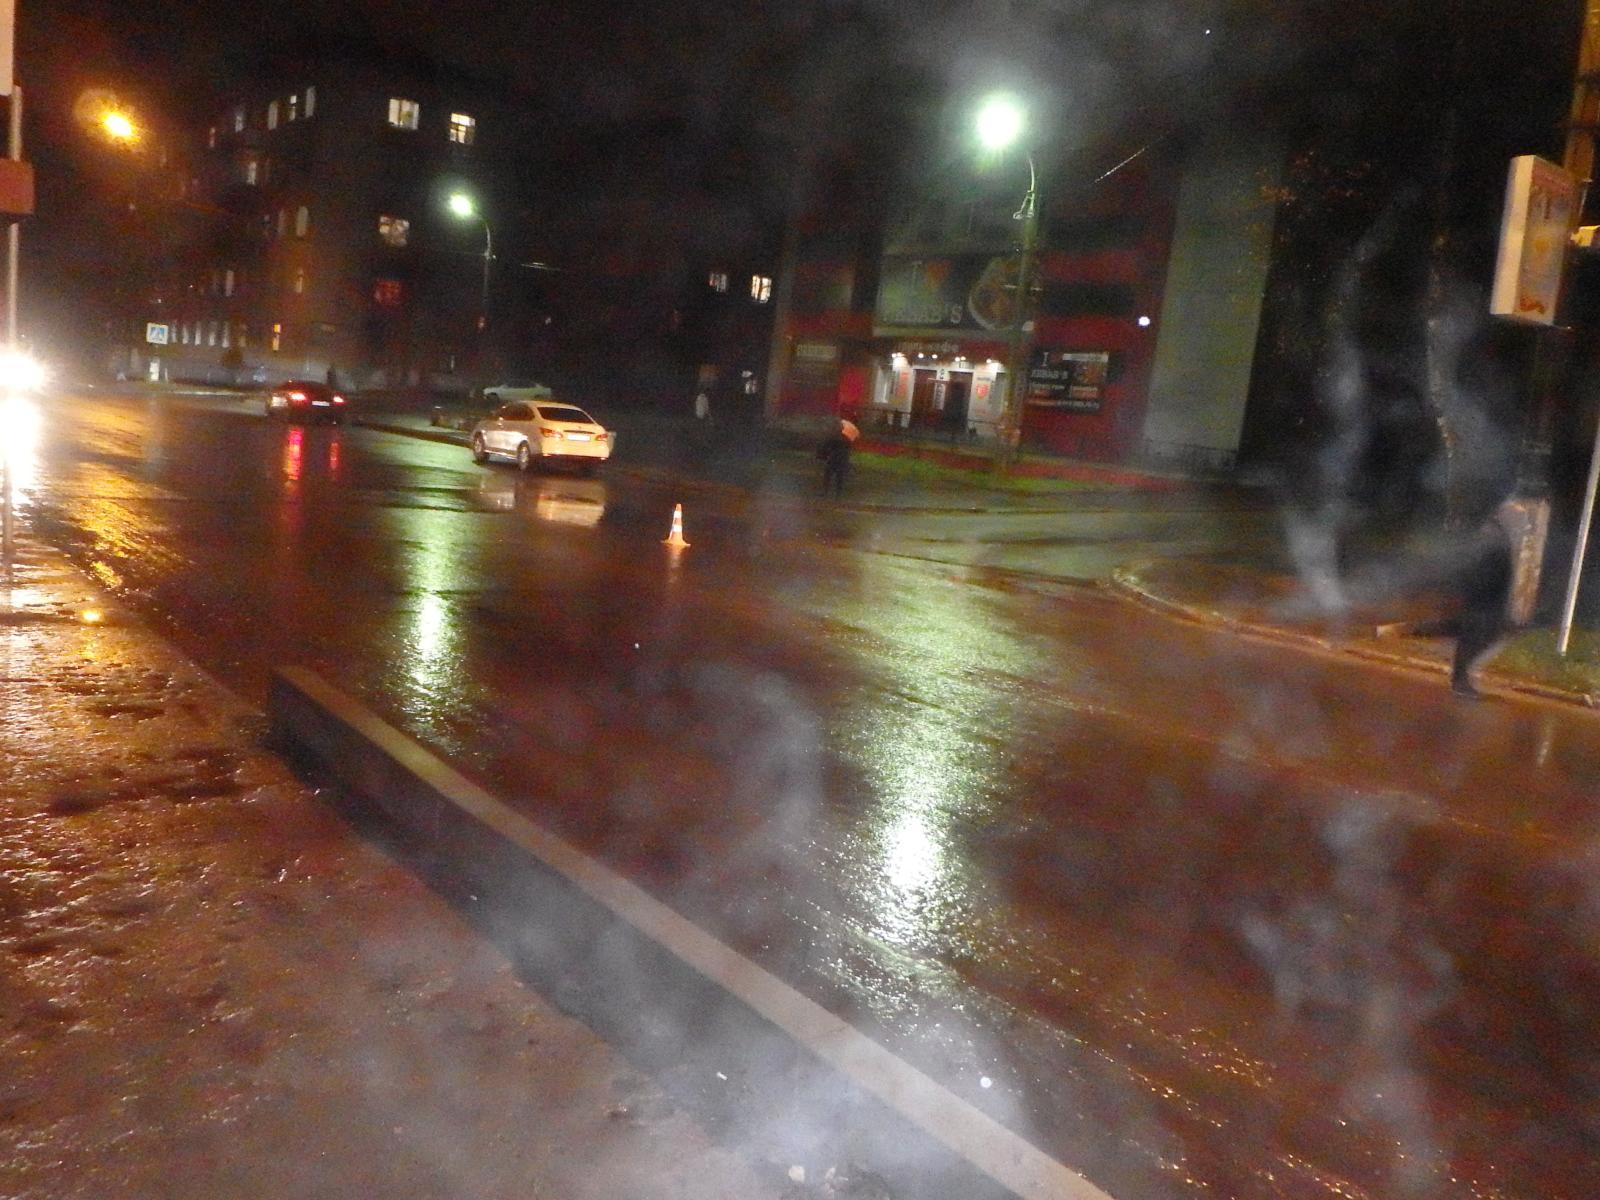 В Чепецке водитель сбил мужчину: пострадавшего увезли в больницу